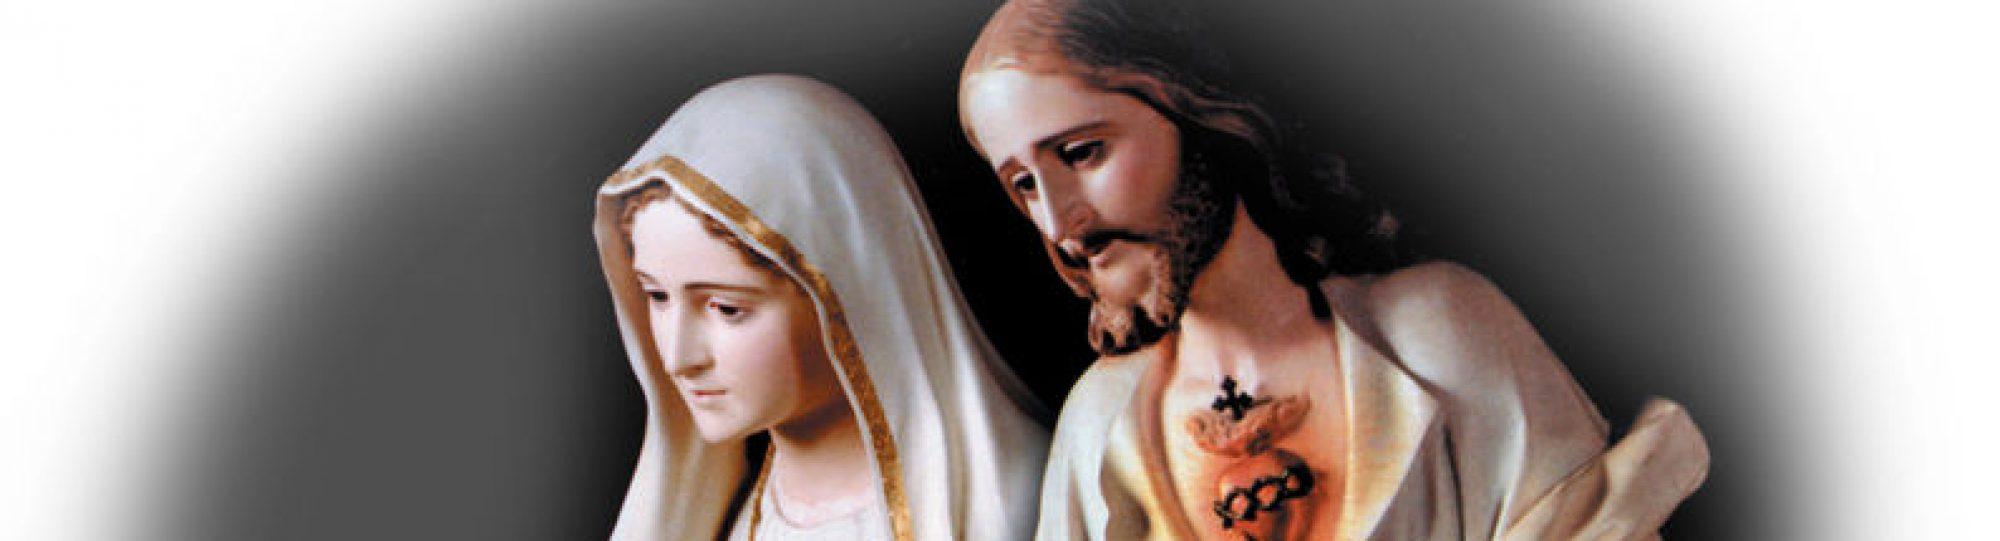 Le pape François accusé d'hérésie par des théologiens catholiques Cropped-j-1-1